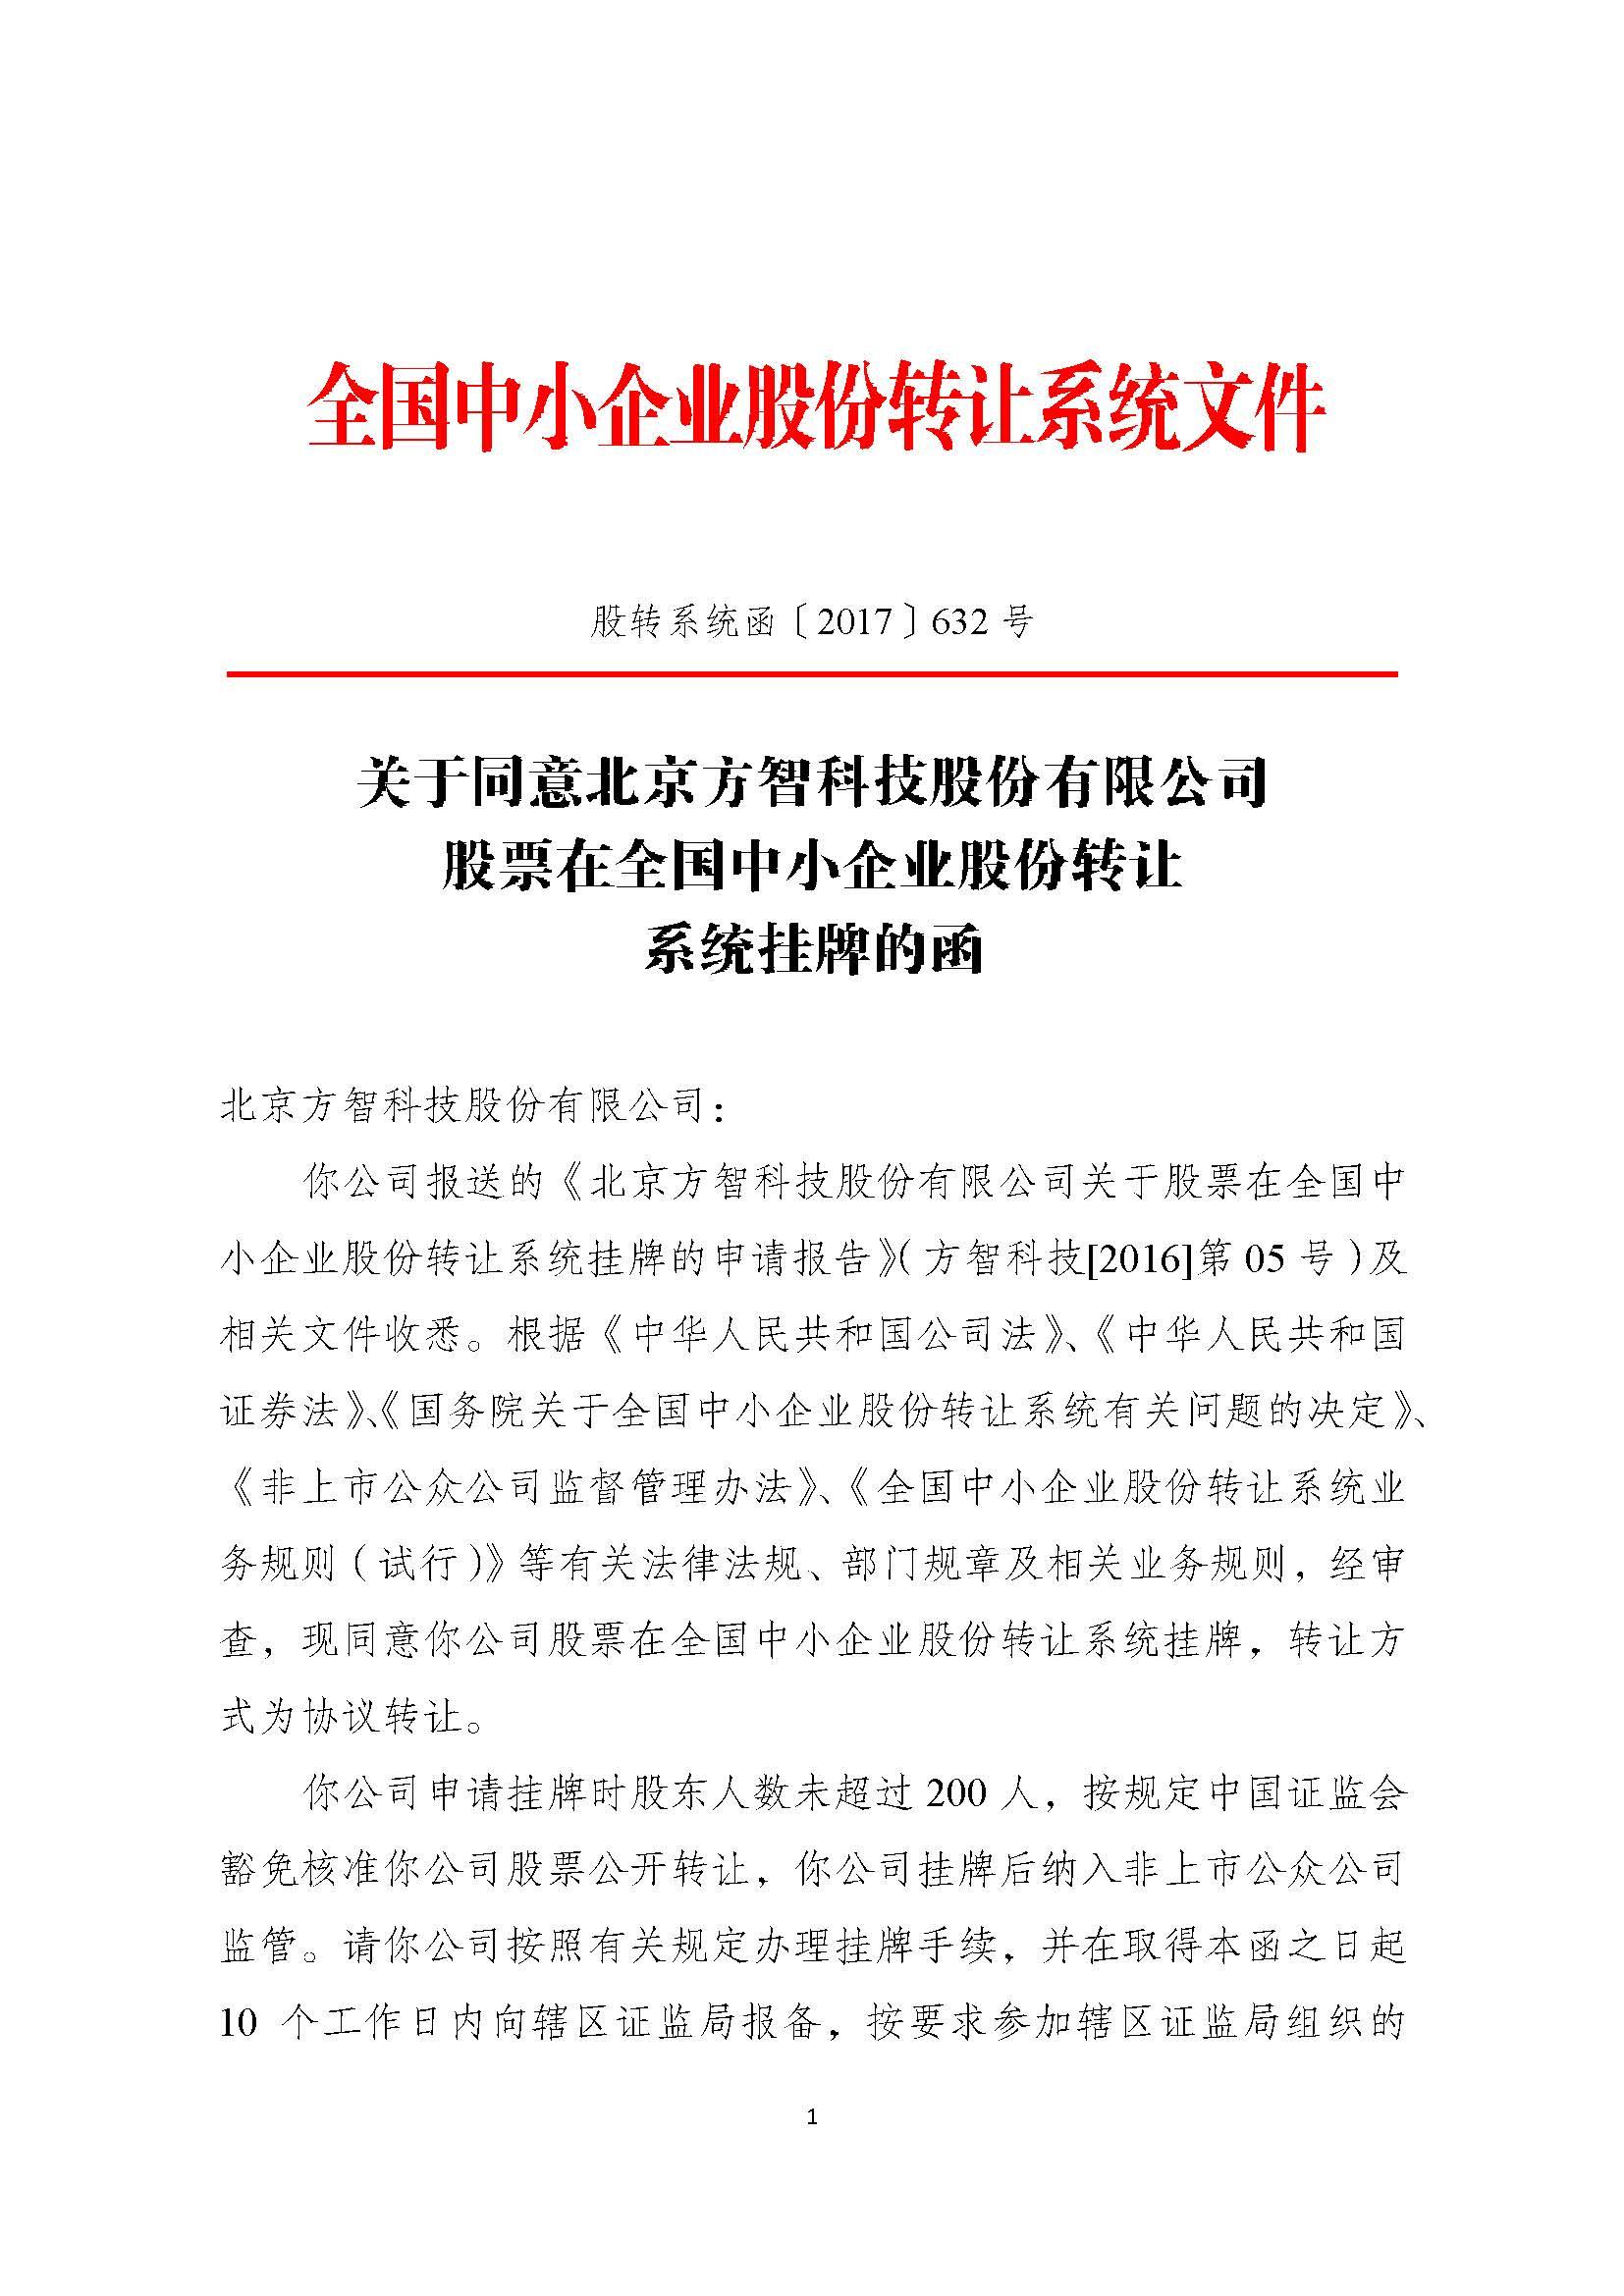 632号-关于同意北京方智科技股份有限公司股票在全国中小企业股份转让系统挂牌的函_页面_1.jpg